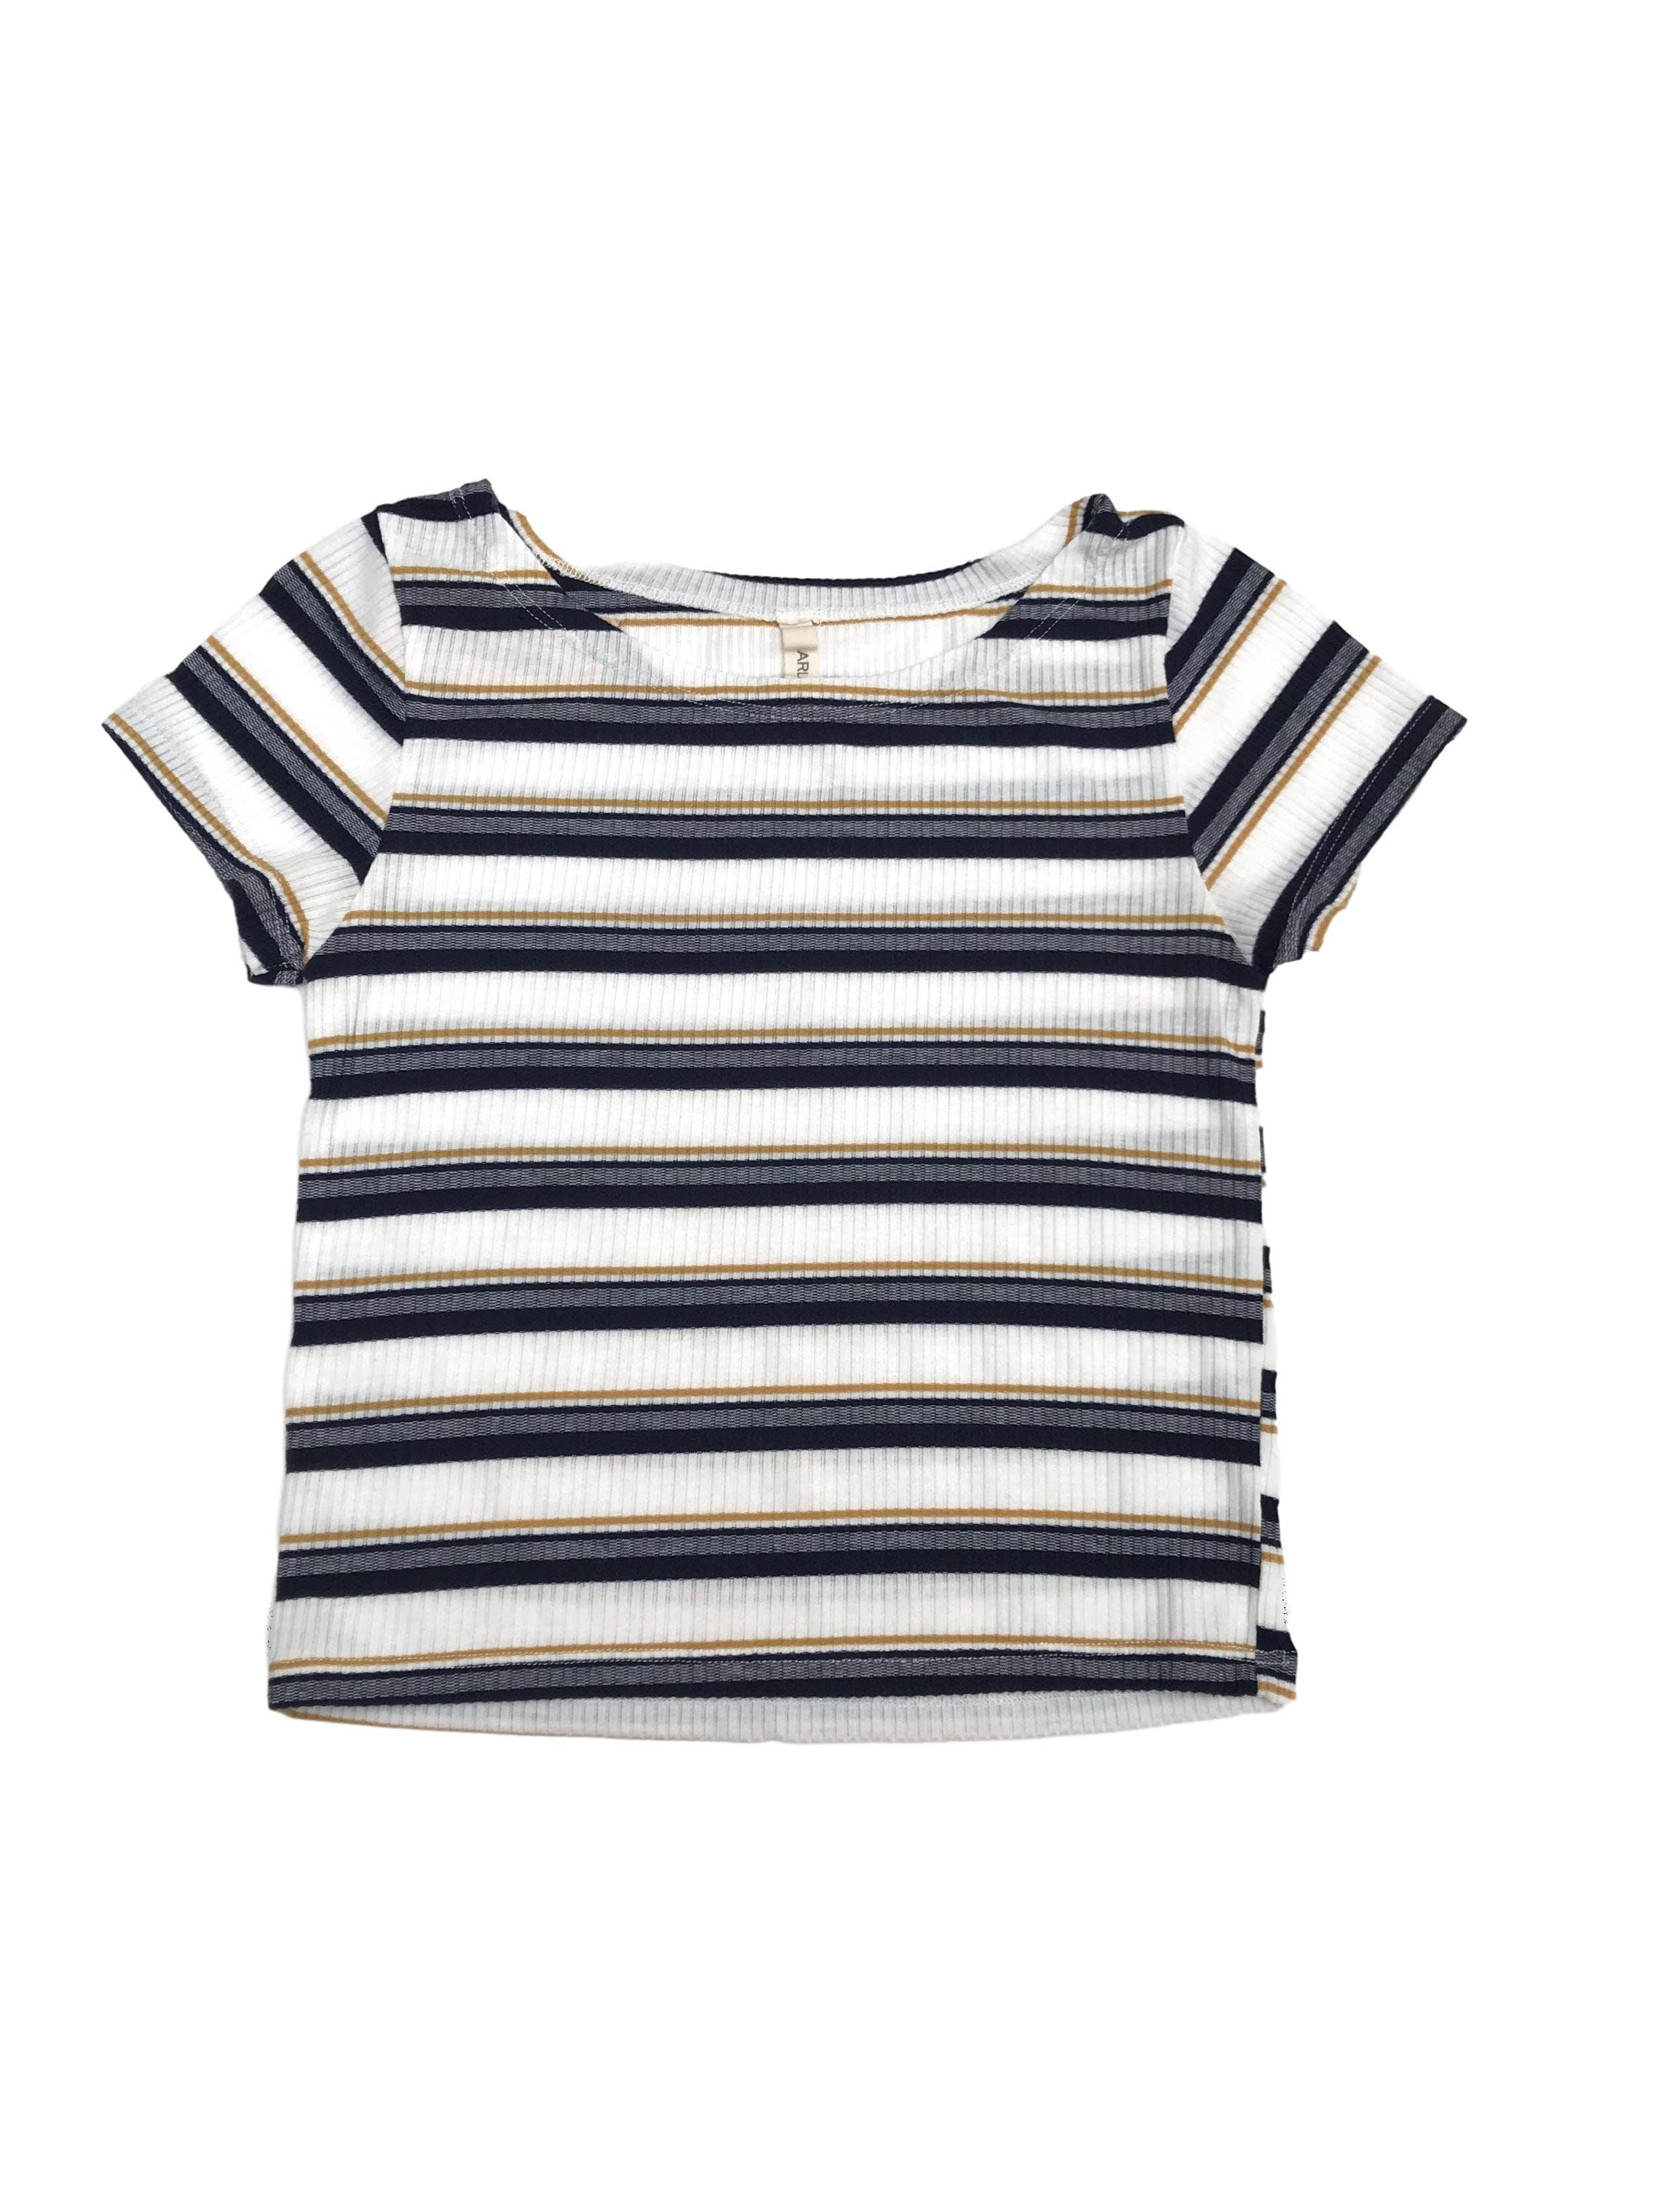 Polo corto con textura acanalada, blanco con franjas azules y amarillas